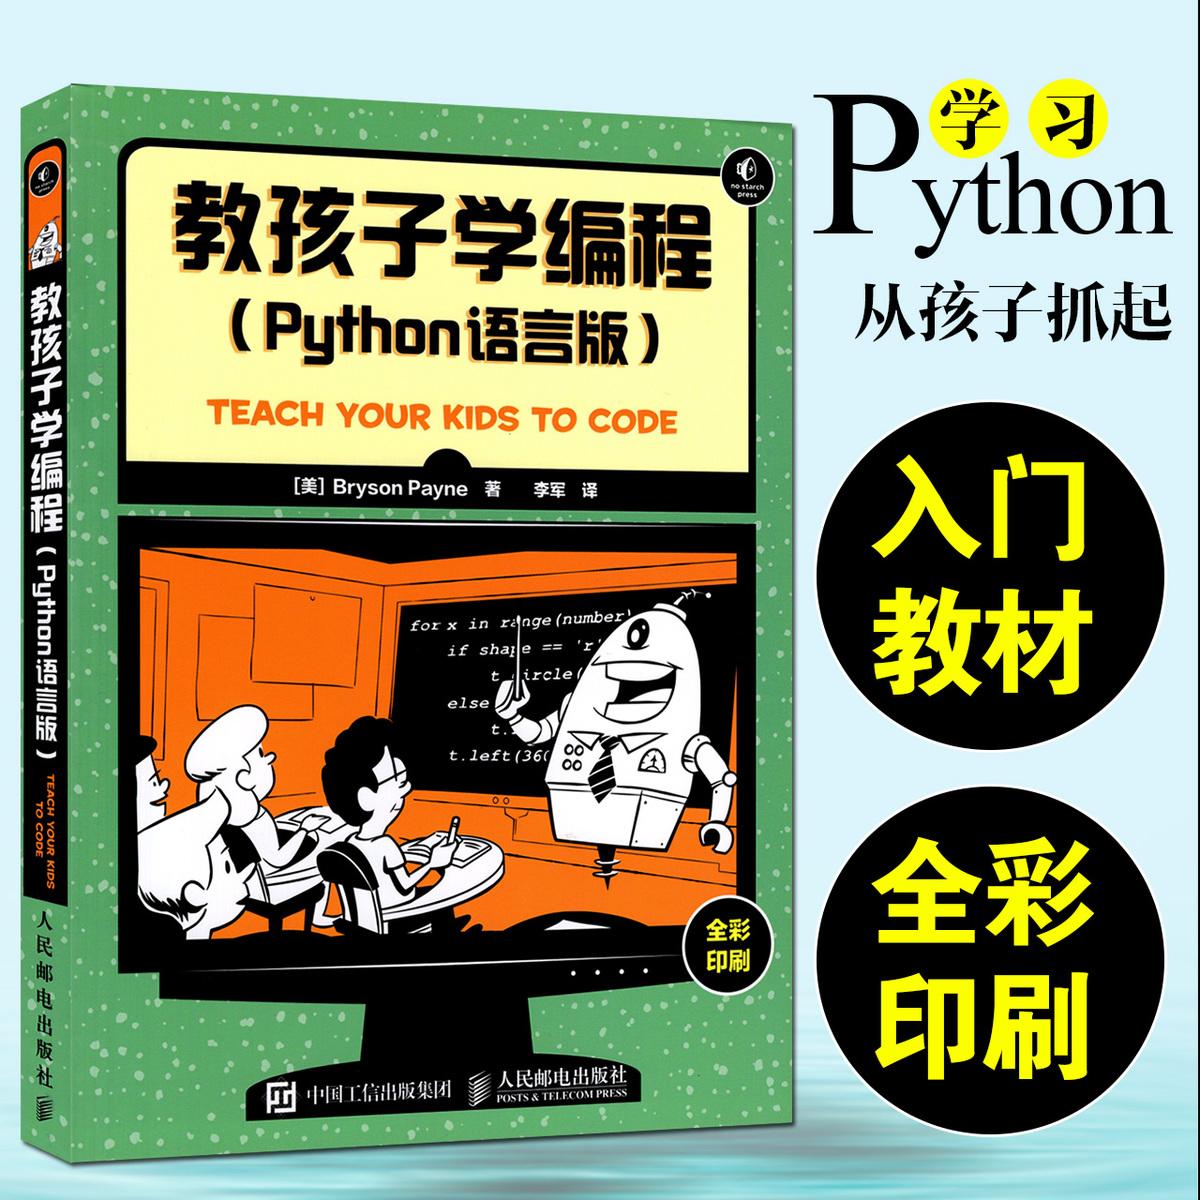 趣学Python 教孩子学编程儿童编程入门教程书籍 中小学生儿童计算机语言编程启蒙书籍教材零基础学计算机编程教程书籍从入门到精通